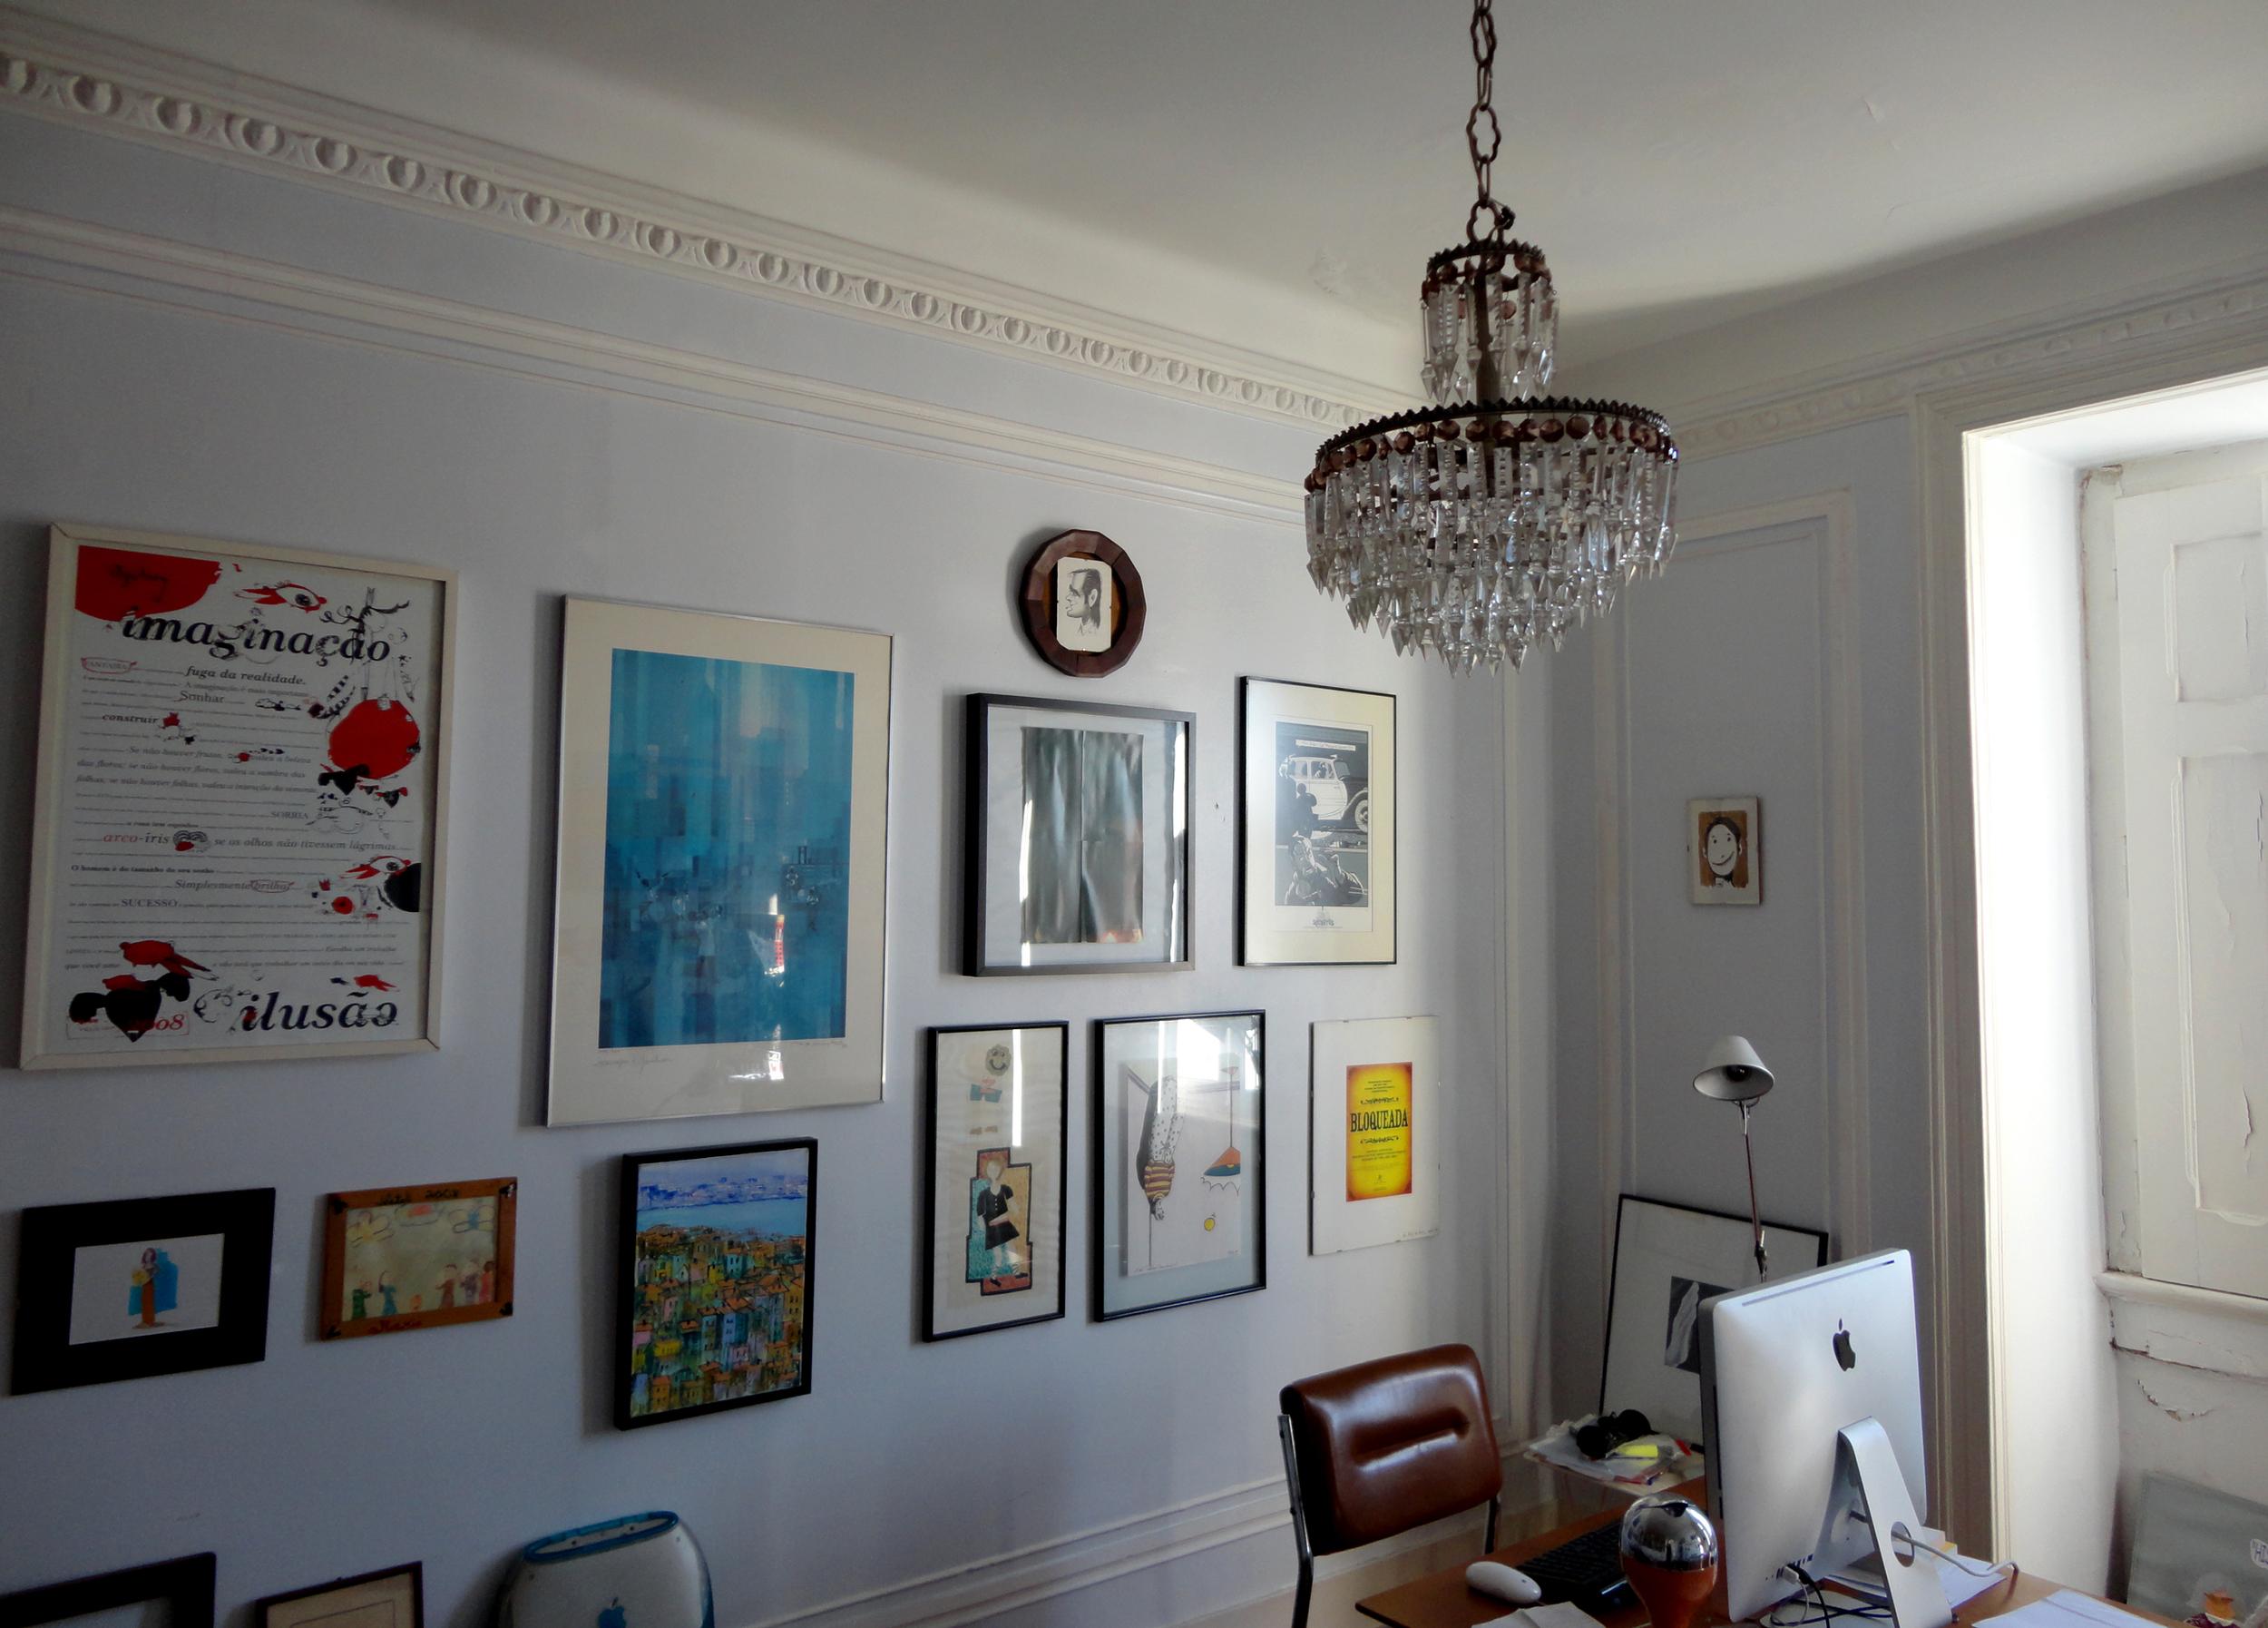 adoro paredes vestidas de pinturas, desenhos, ilustrações, de memórias.